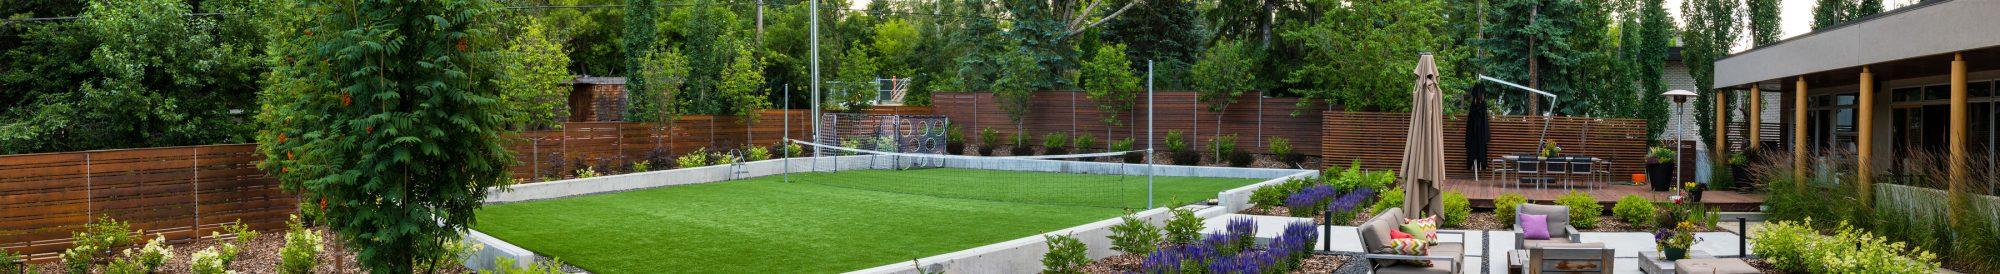 Laurier Park Landscape Design by Jason Stubbs of Salisbury Landscaping